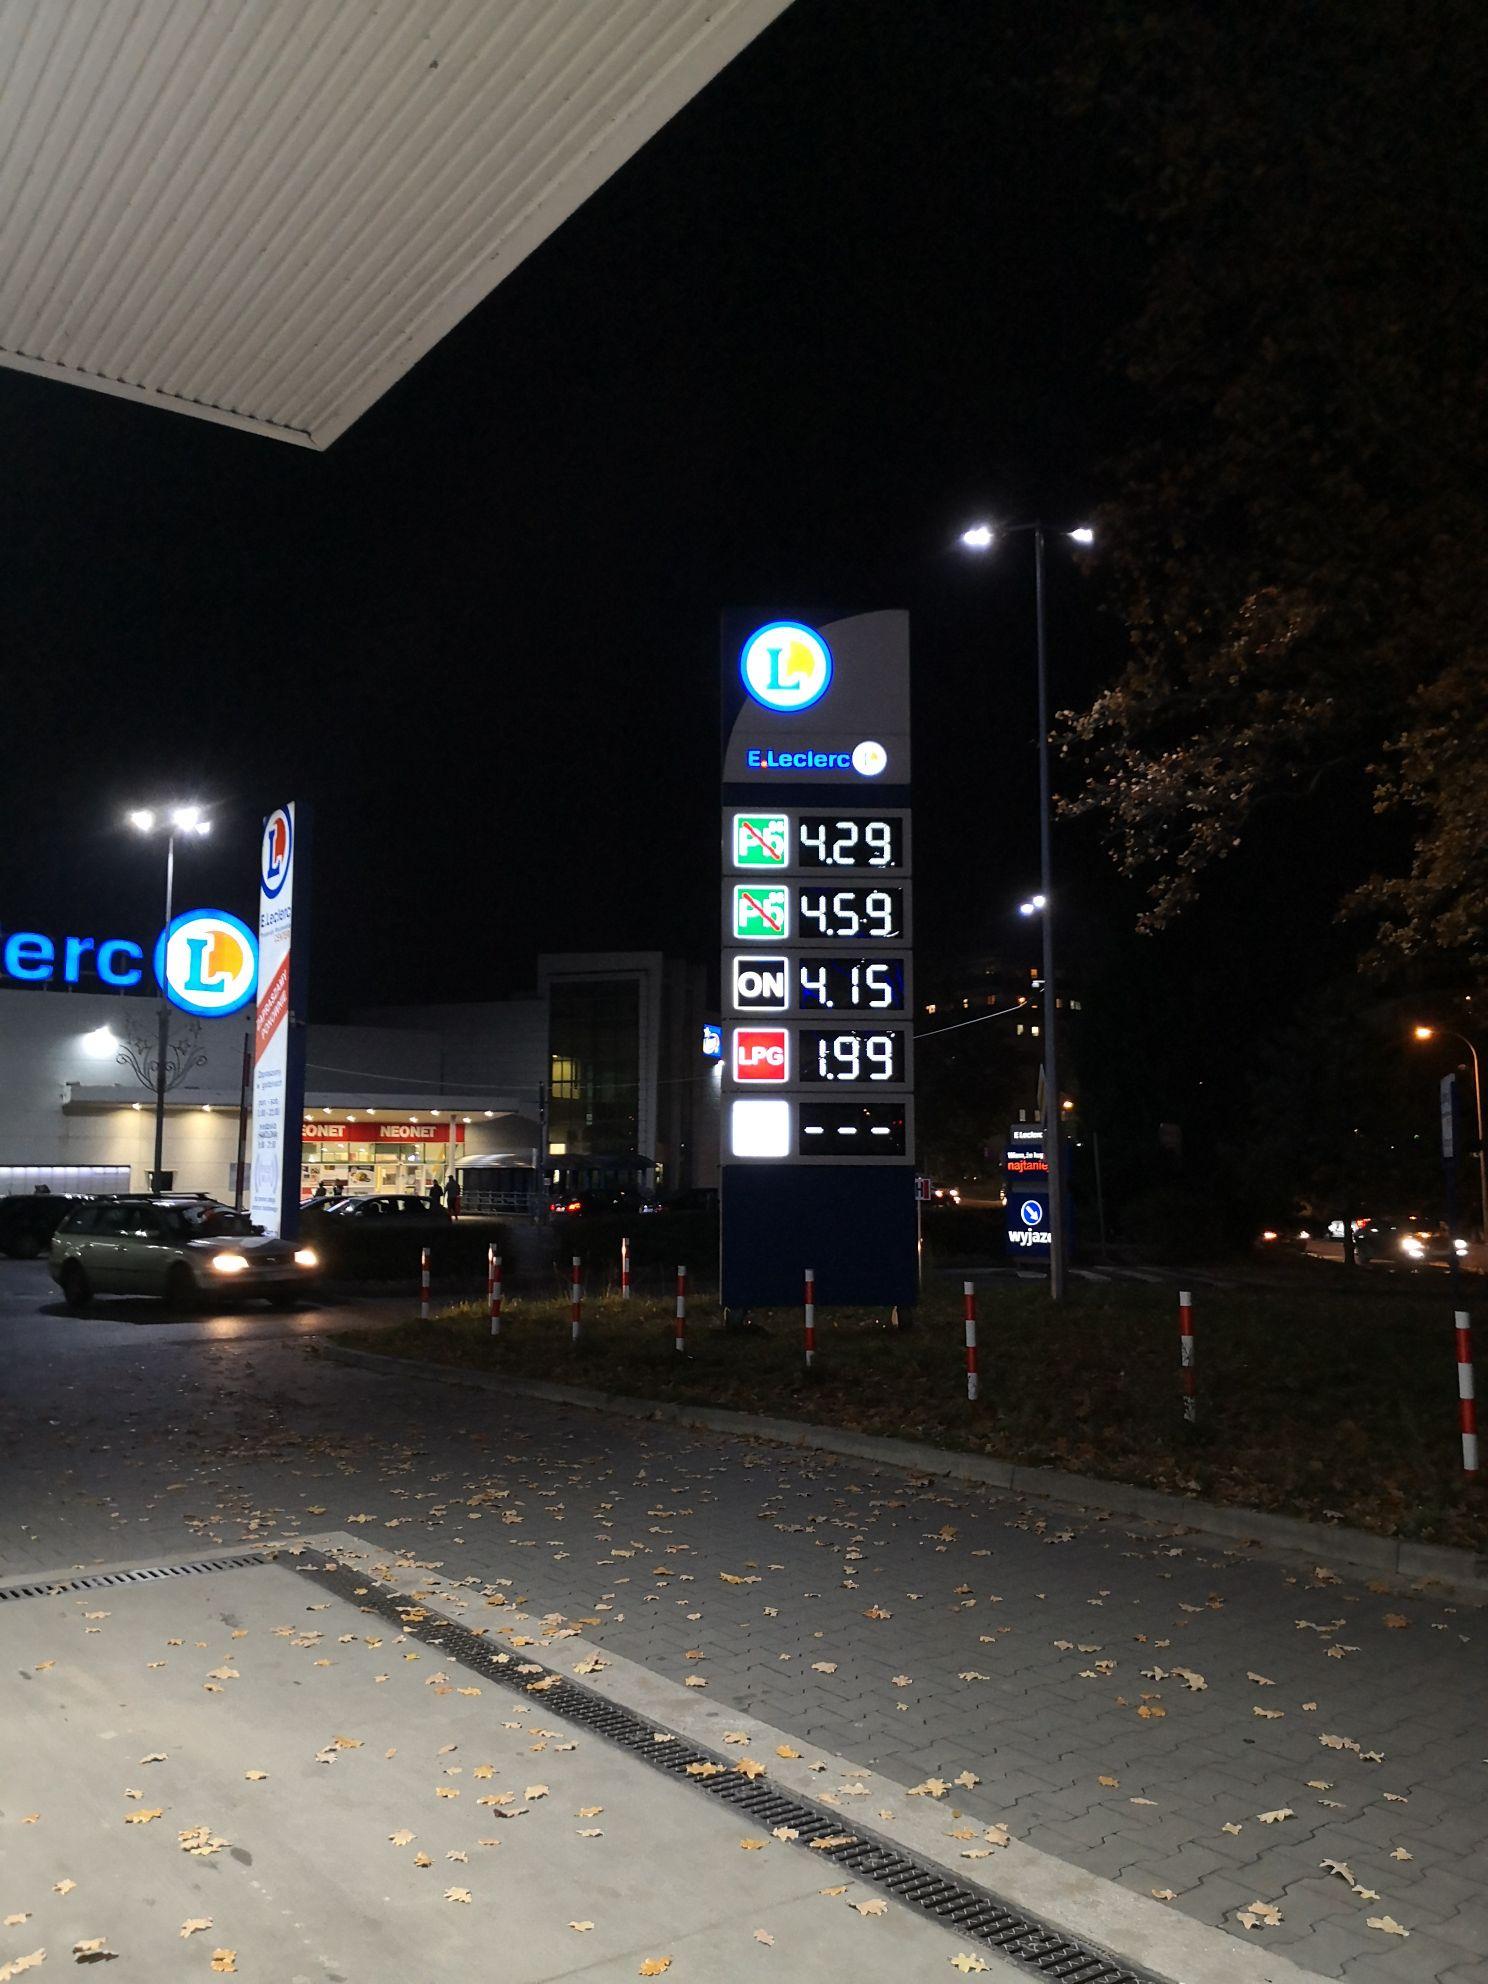 Gaz 1.99 Stacja E. Leclerc Wrocław ul. Zakładowa